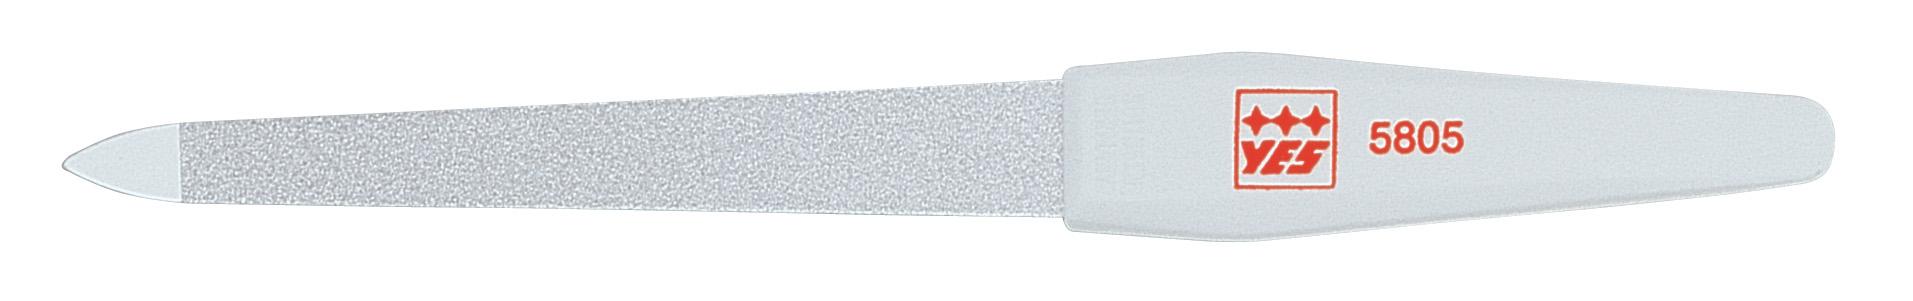 Becker-Manicure YES Пилочка 15см. 9580595805Пилочка для ногтей изготовлена из высокоуглеродистой стали. Пилочка имеет двухстороннее сапфировое напыление: более крупное с одной стороны для формирования формы и мелкое с другой для завершения шлифовки ногтя. Длина пилочки 15 см. Хранить в сухом недоступном для детей месте. Замена изделия не осуществляется в следующих случаях: - Использование не по назначению - Самостоятельный ремонт - Нарушение условий хранения